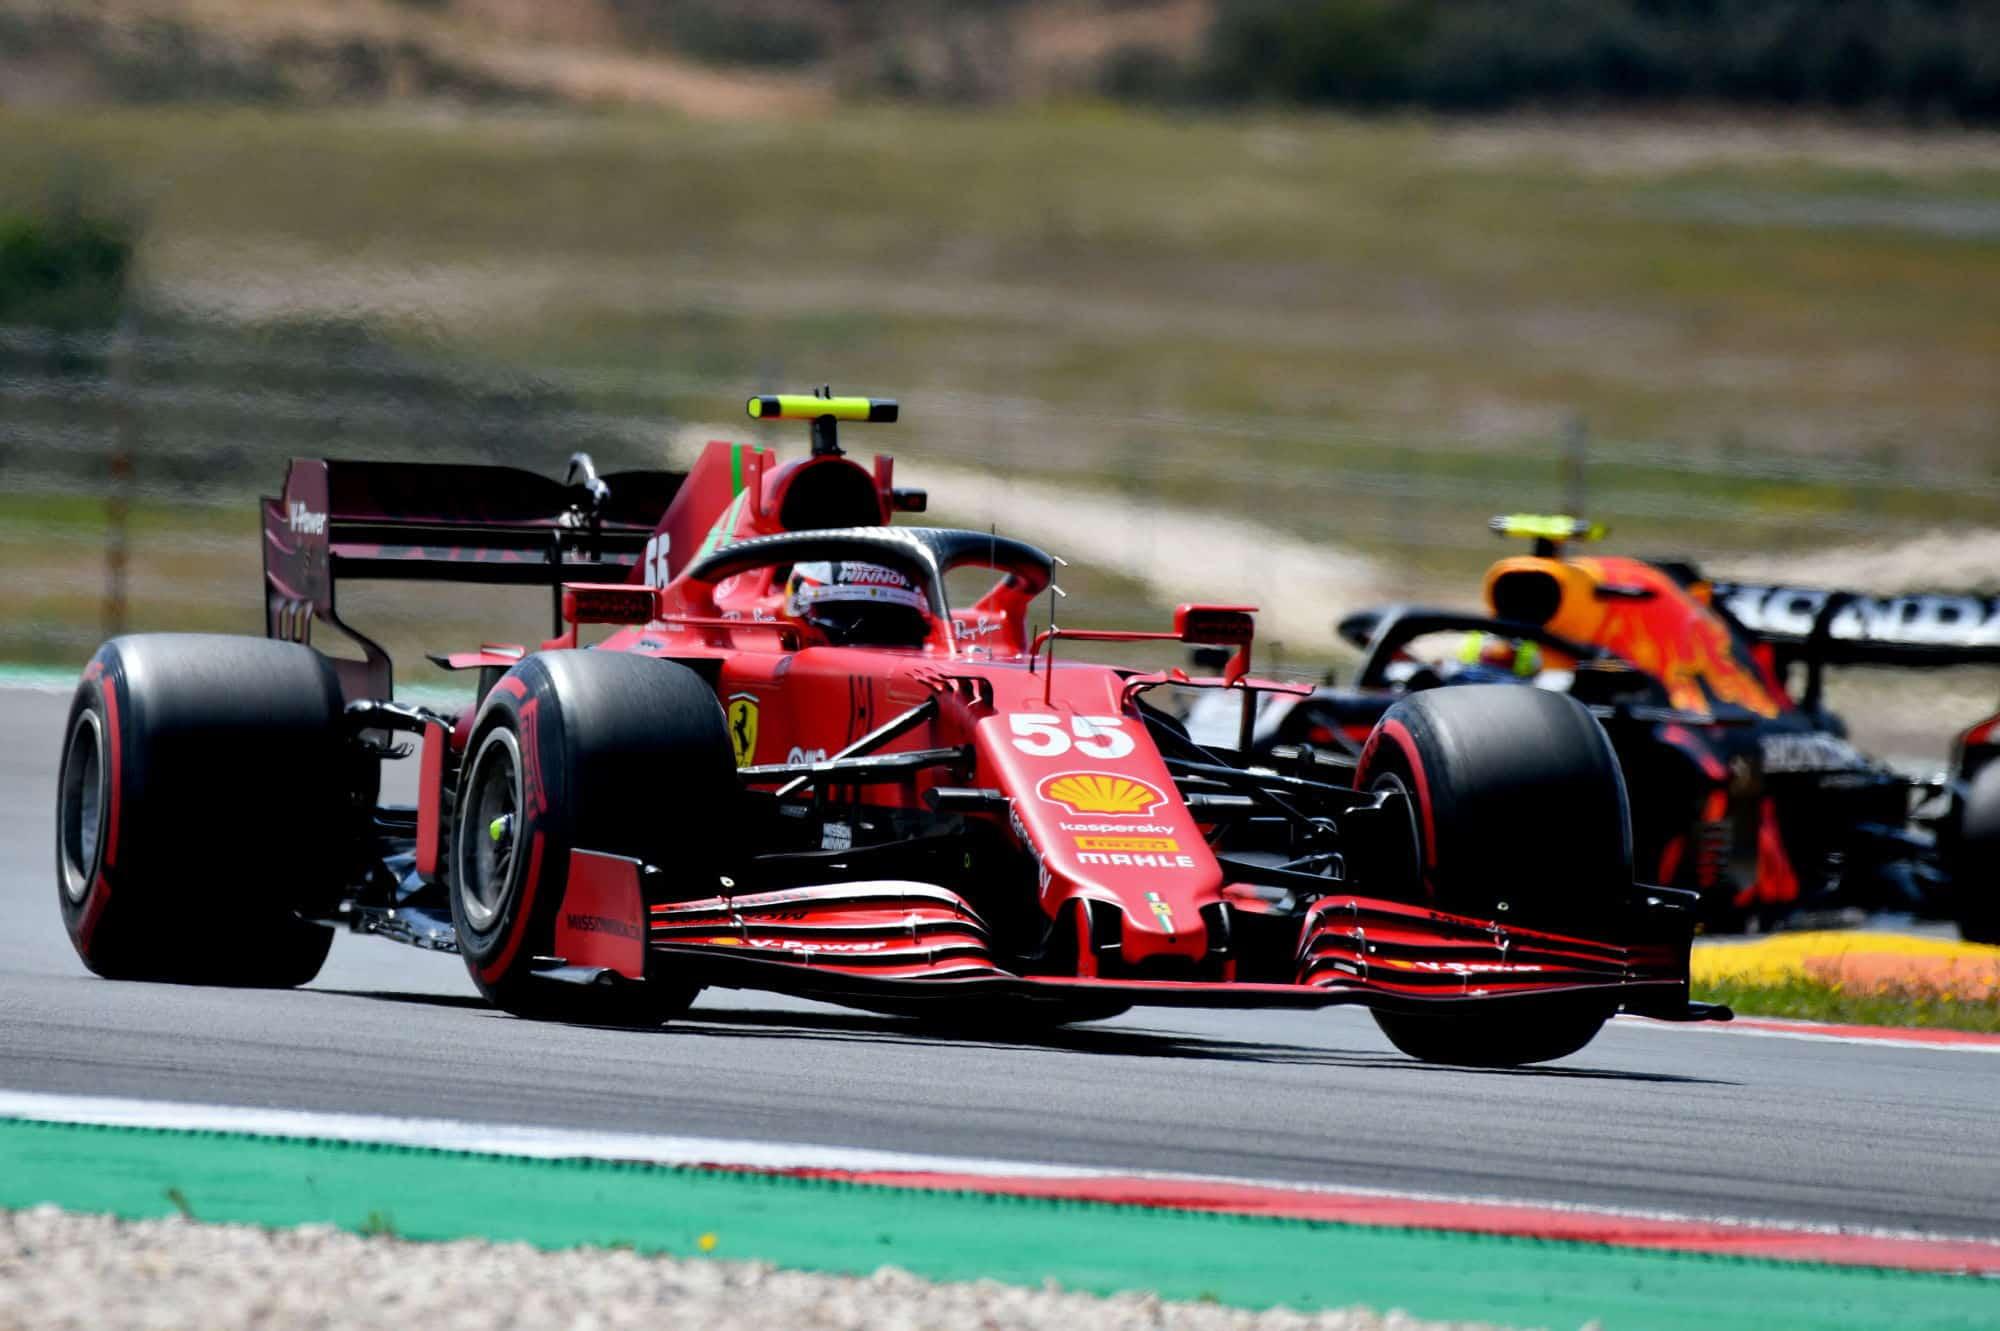 2021 Portuguese GP Podium Sainz Ferrari leads Perez Red Bull Photo Ferrari